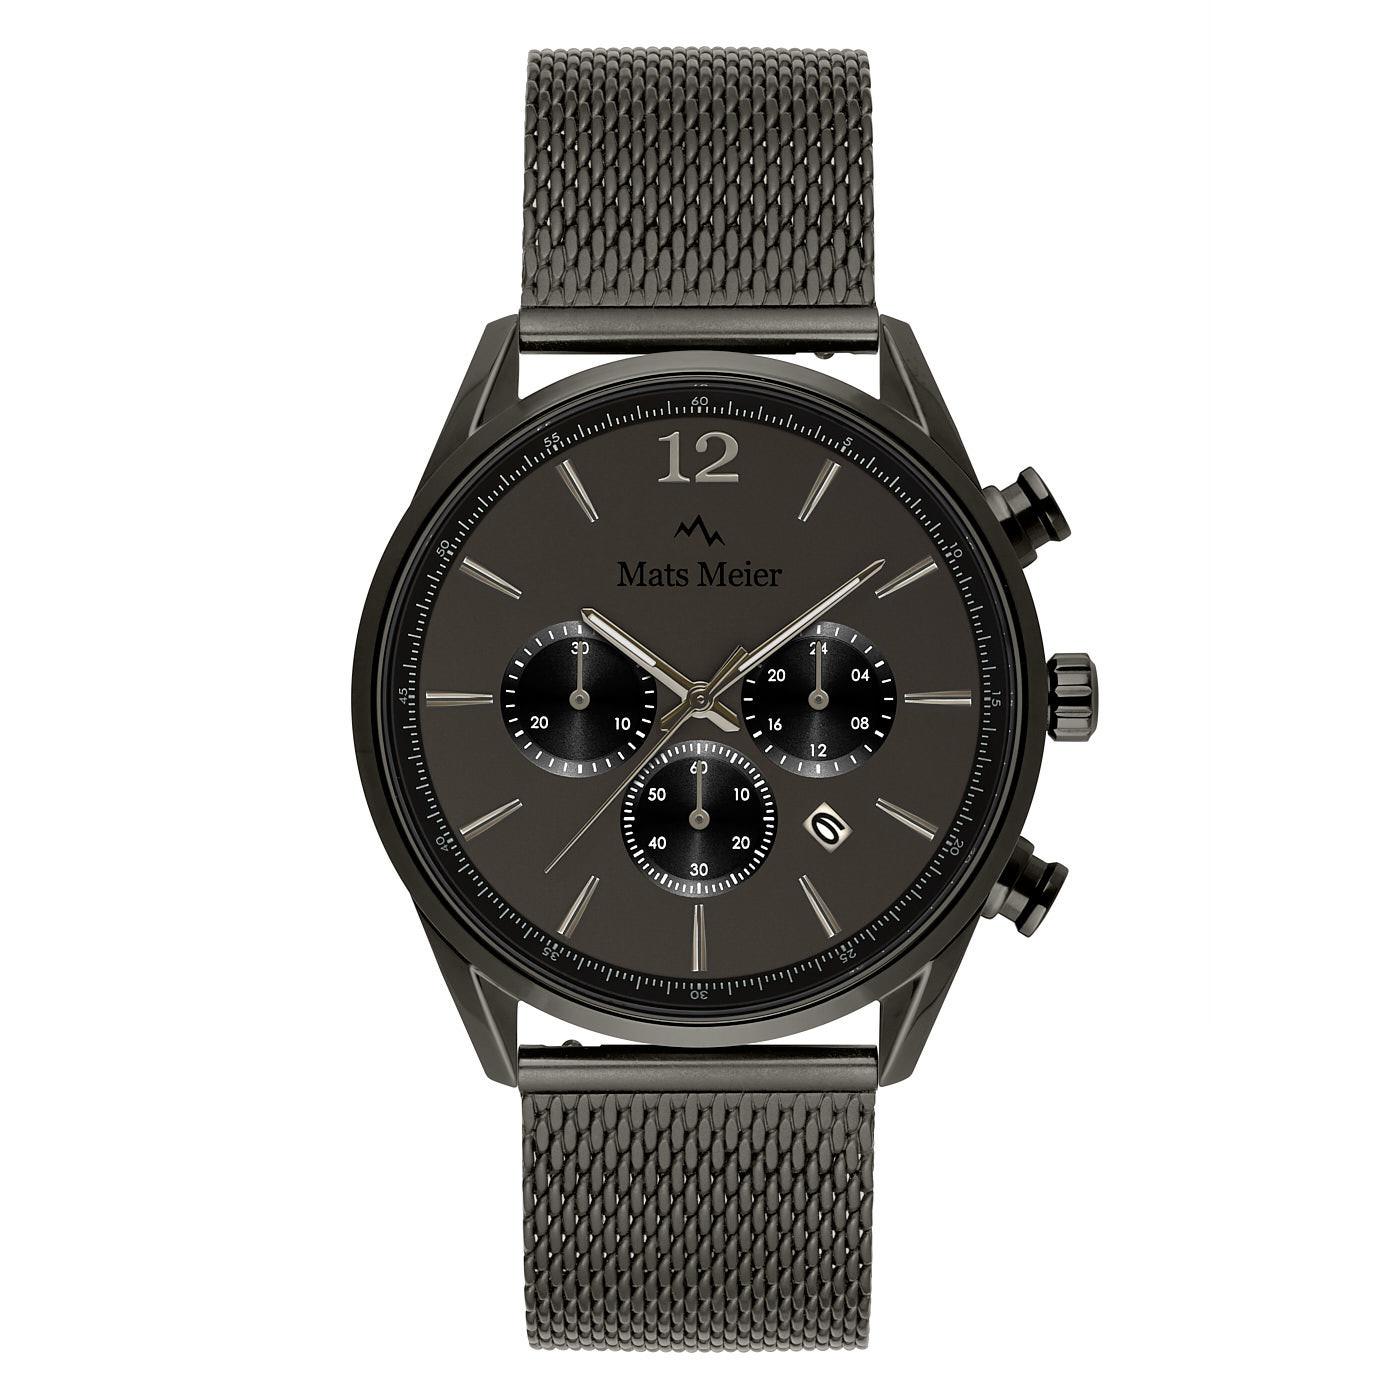 Mats Meier Grand Cornier montre chronographe mat gunmetal maille